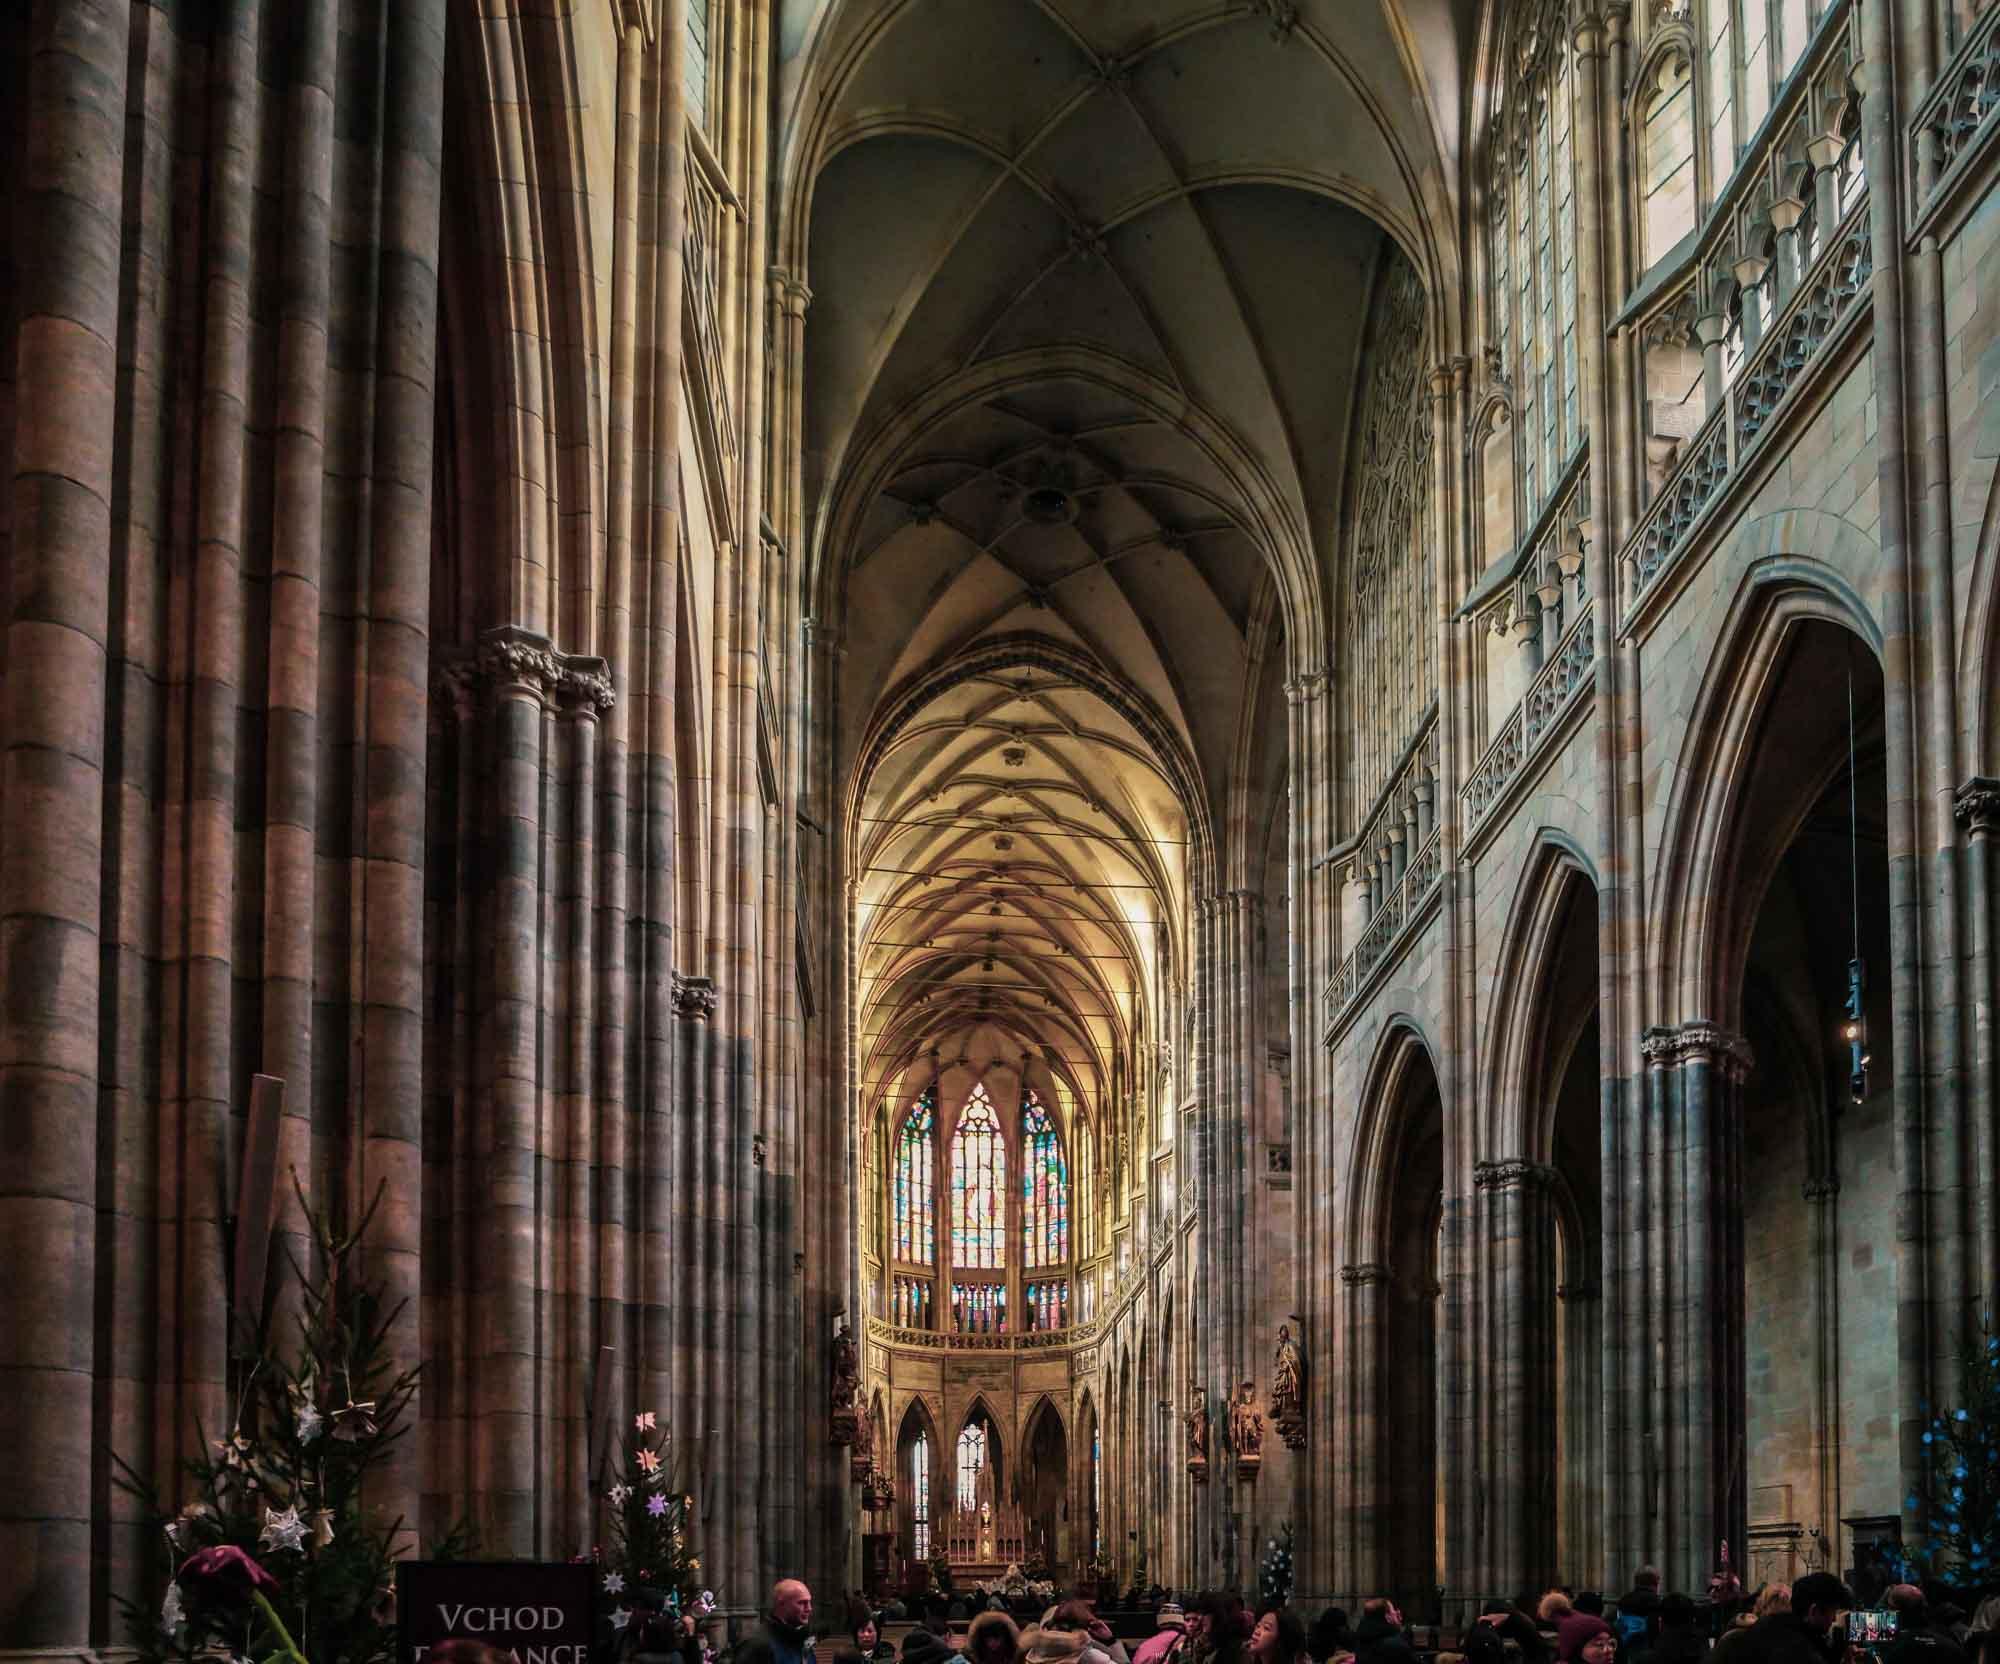 L'intérieur de la cathédrale Saint-Guy de Prague